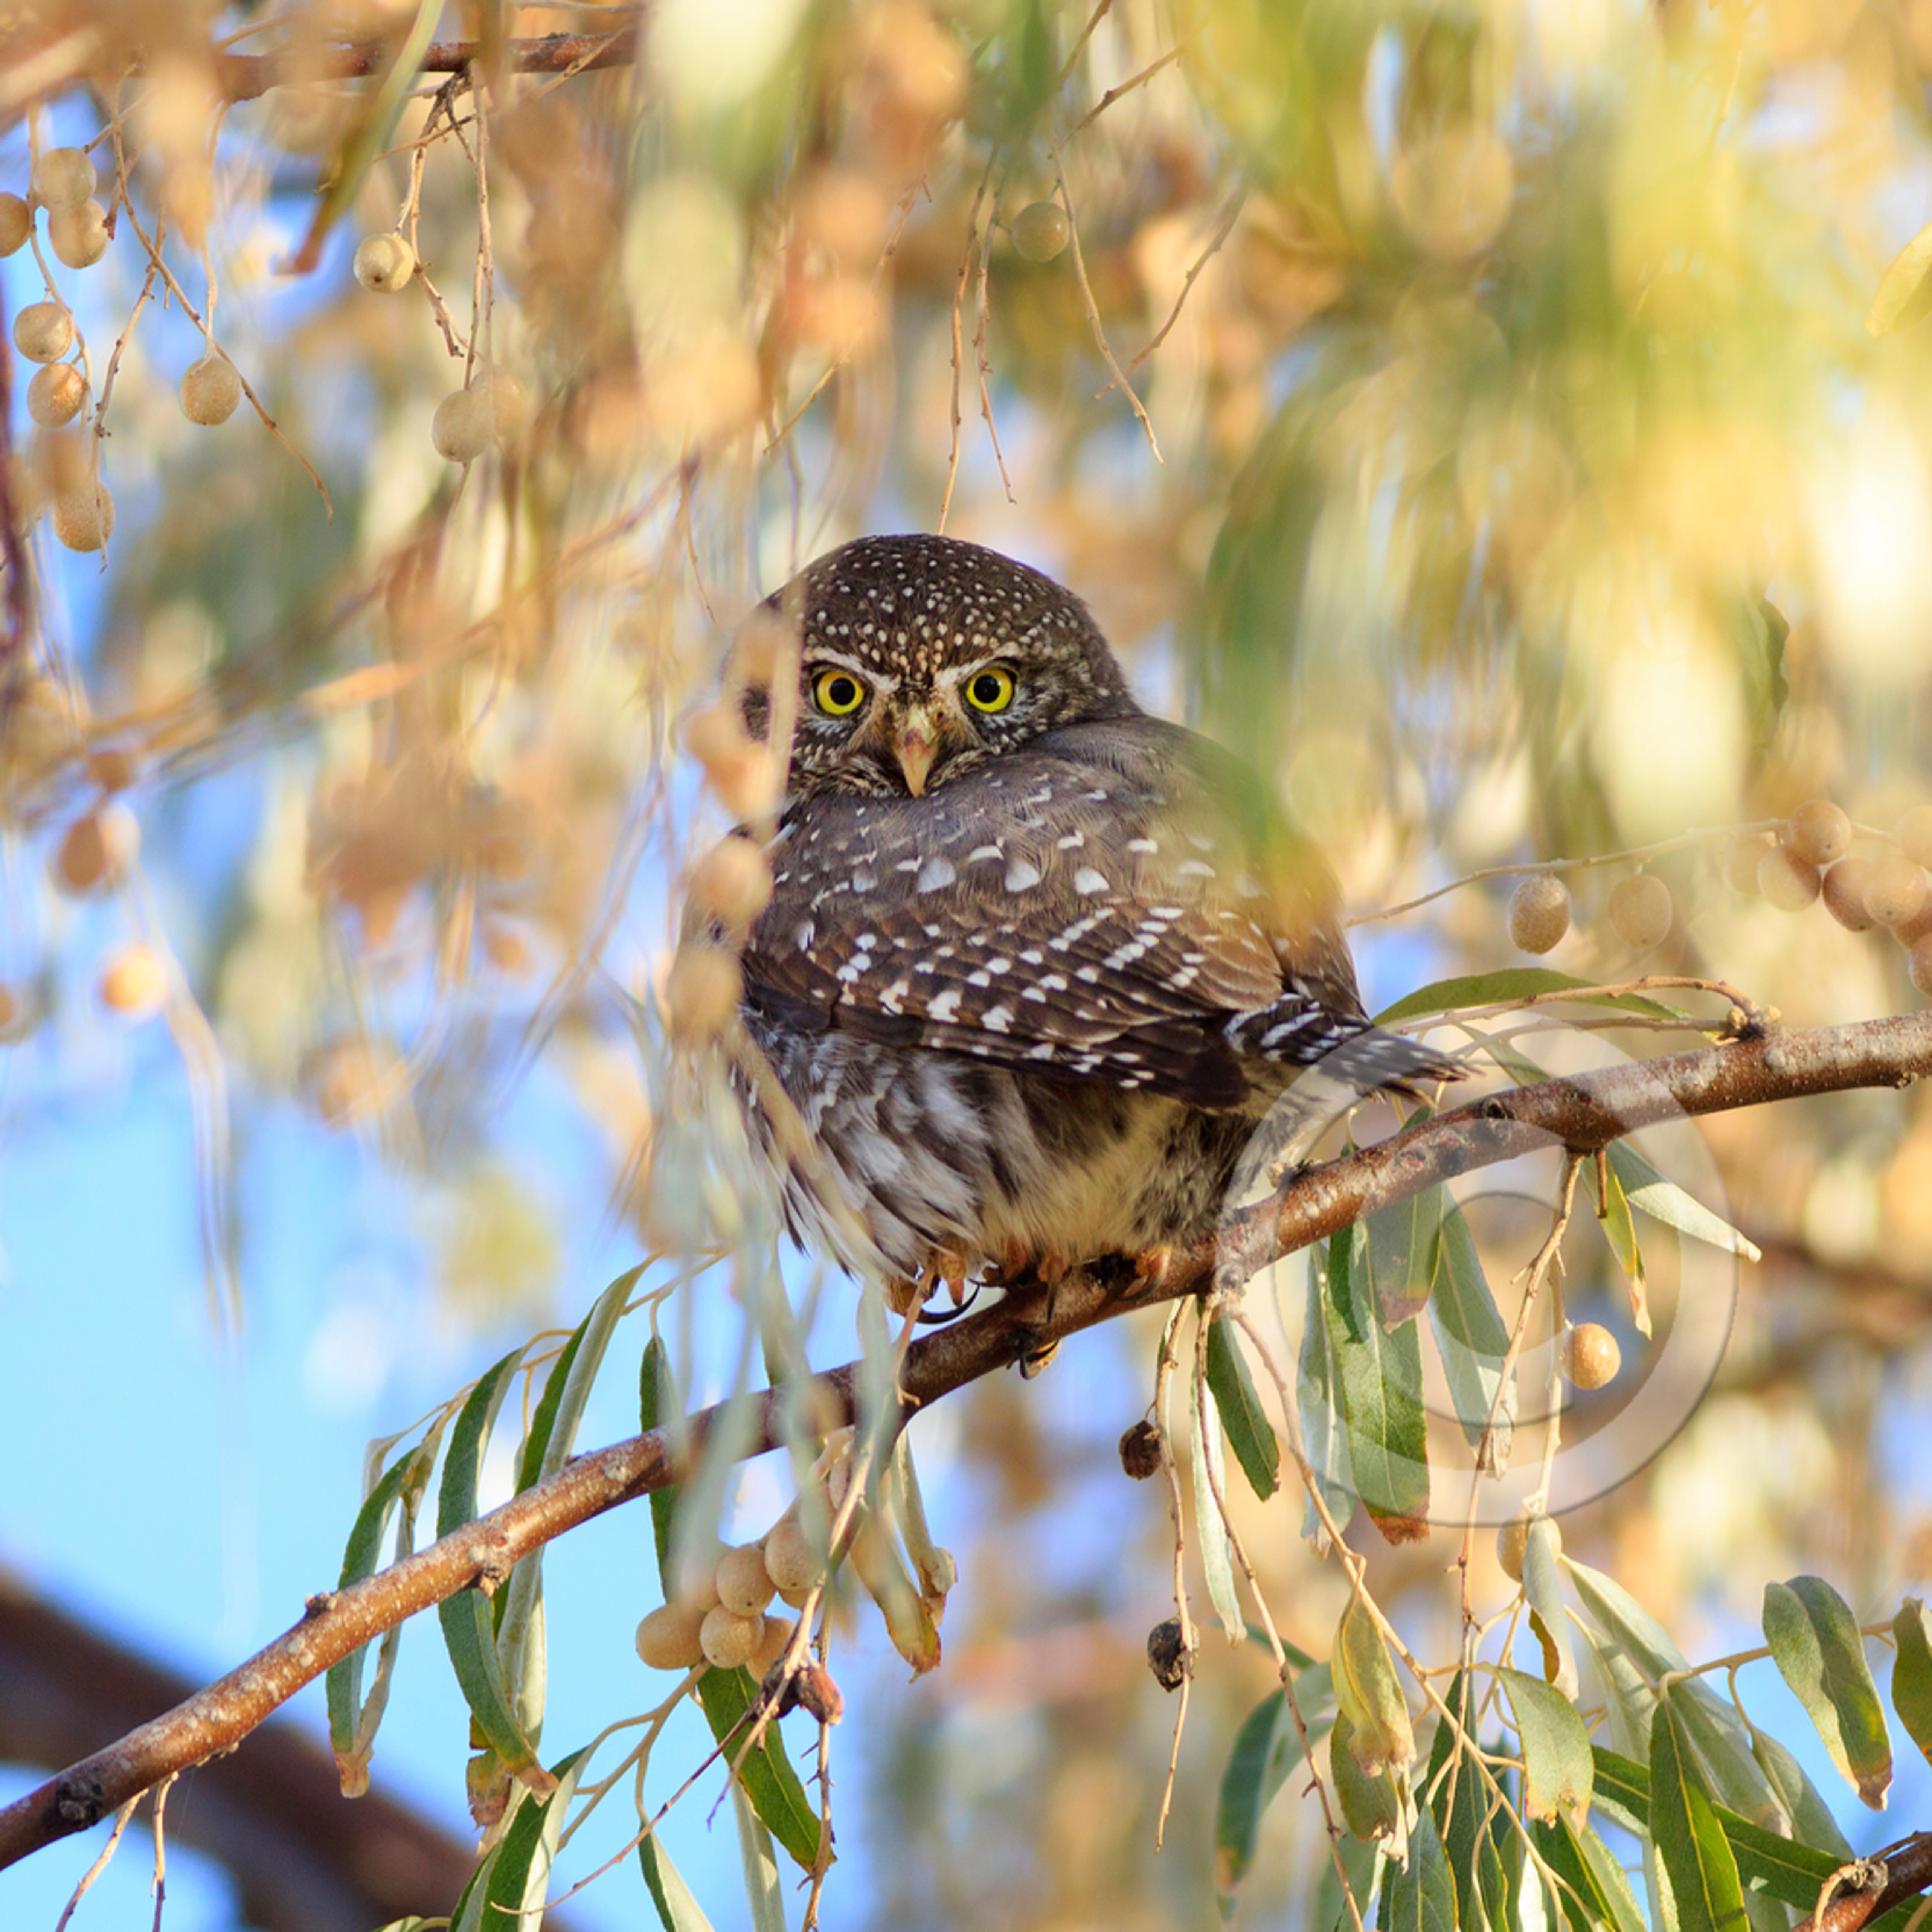 Mj20141115 9990 pygmy owl kudman